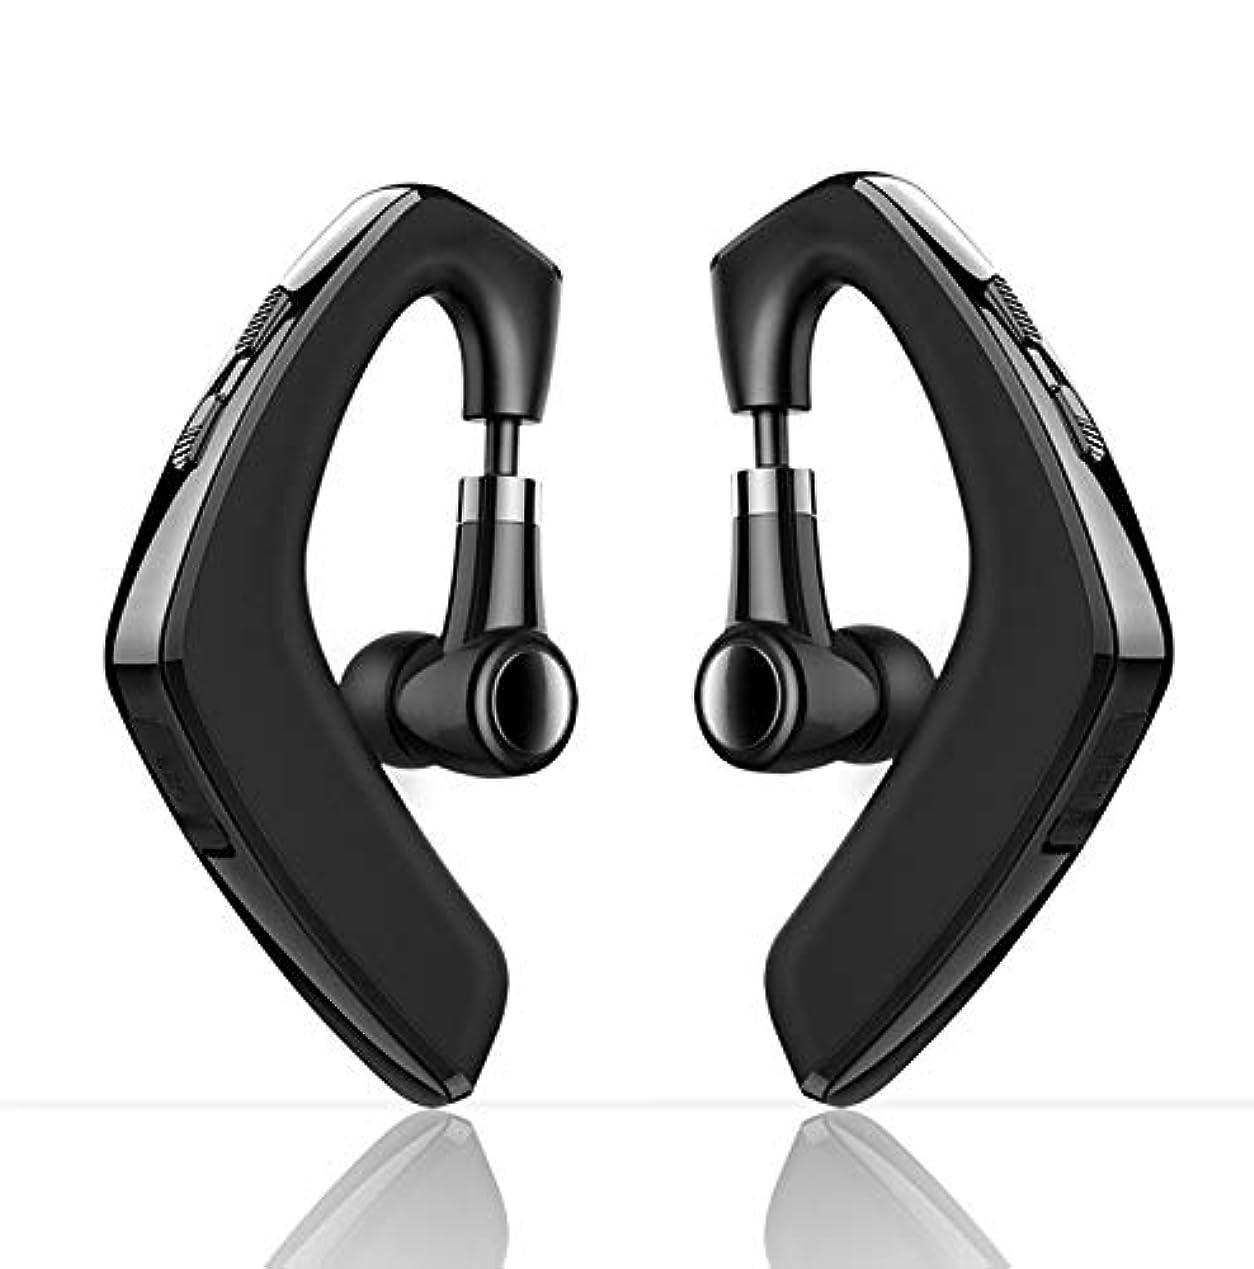 ほこりっぽい鹿彼らのものワイヤレスイヤホン5.0 最新技術 Bluetooth 5.0 ブルートゥースイヤホン 耳掛け式 IPX7完全防水防汗 超軽量薄型 両耳連続通話12時間 ヘッドセット 片耳 両耳対応 (ブラック)